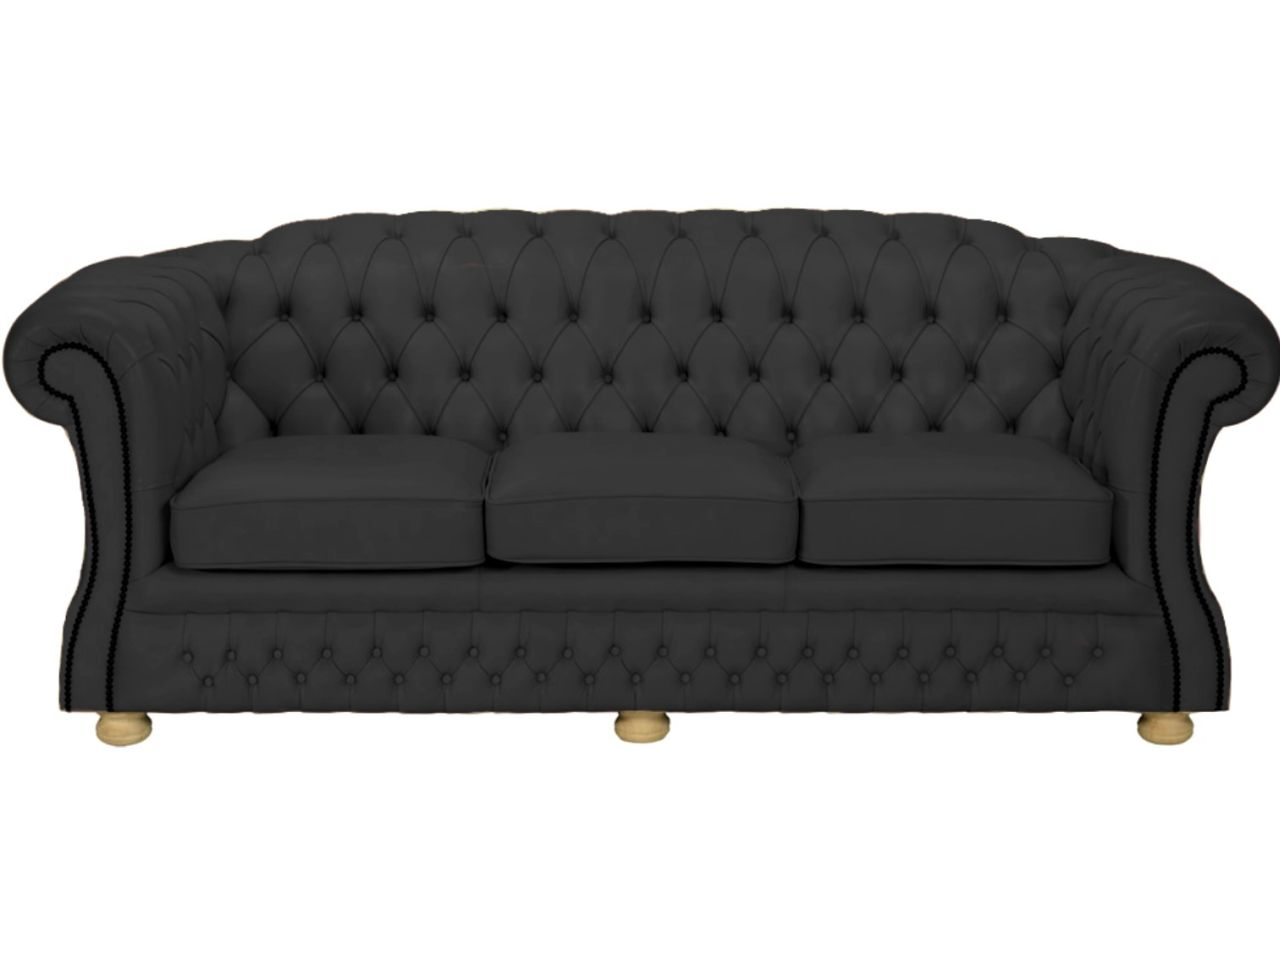 Blenheim 3 Seater - Black